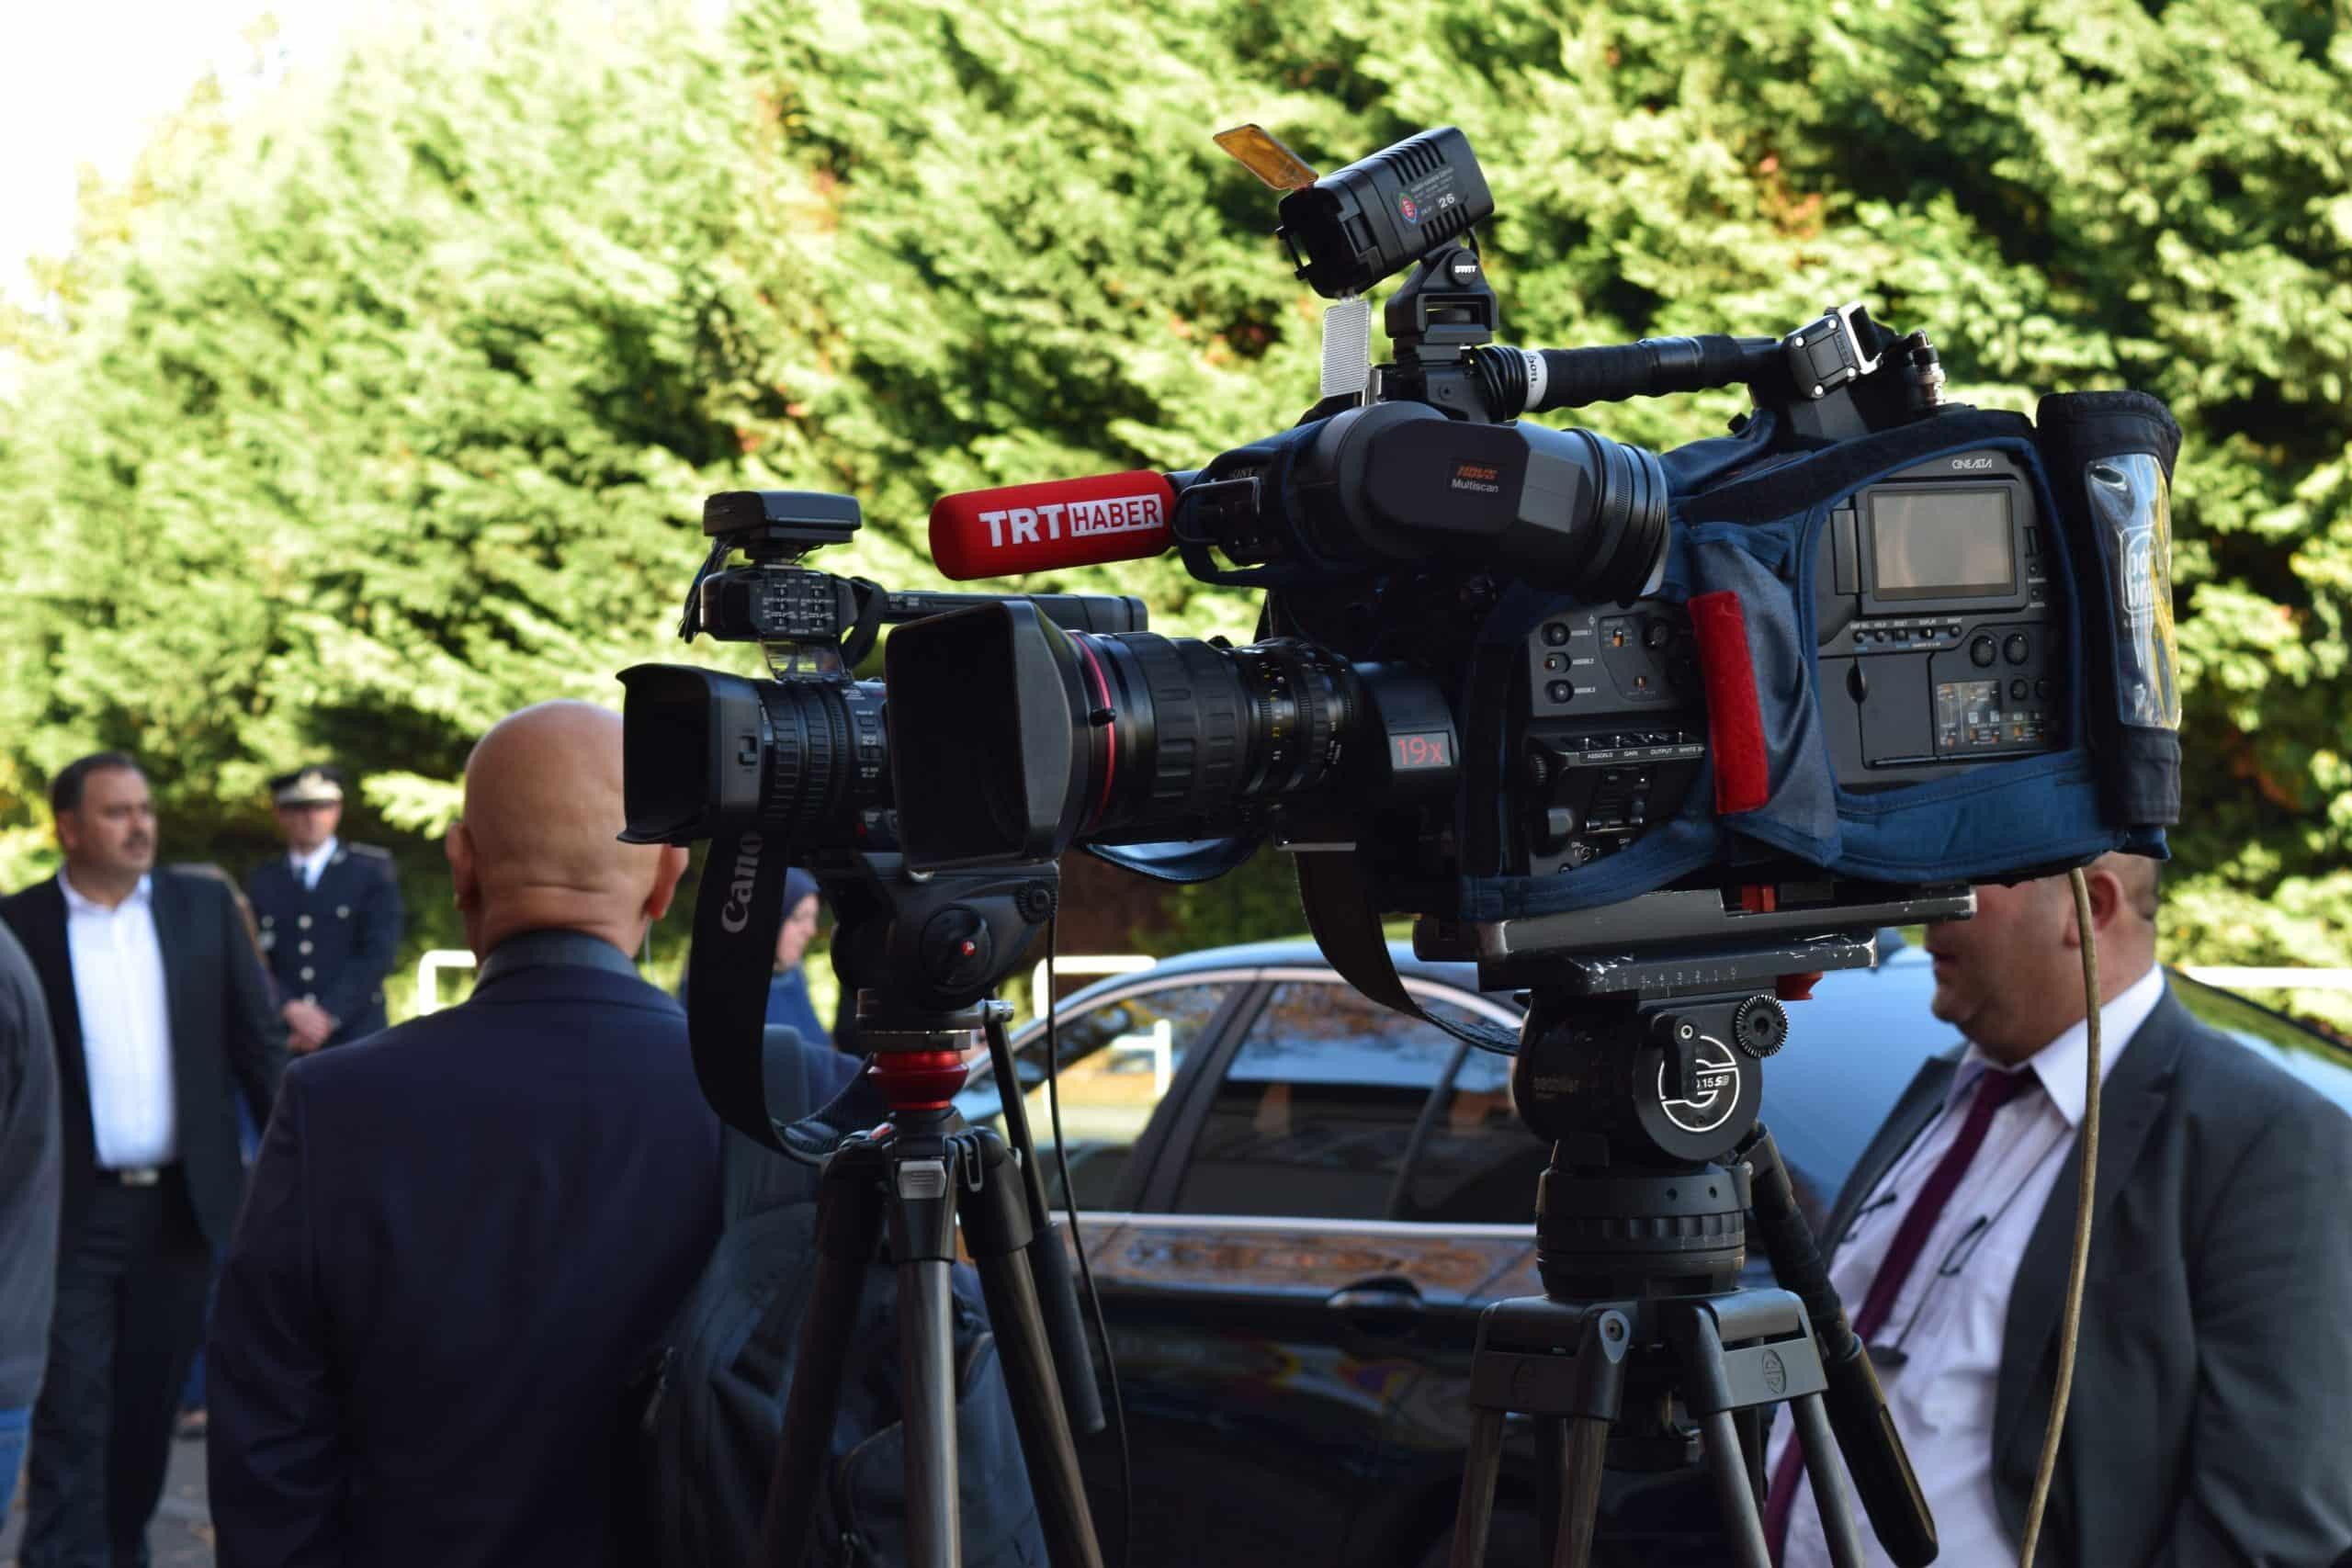 L'événement a été transmis en direct sur des médias internationnaux comme Al Jazeera et TRT